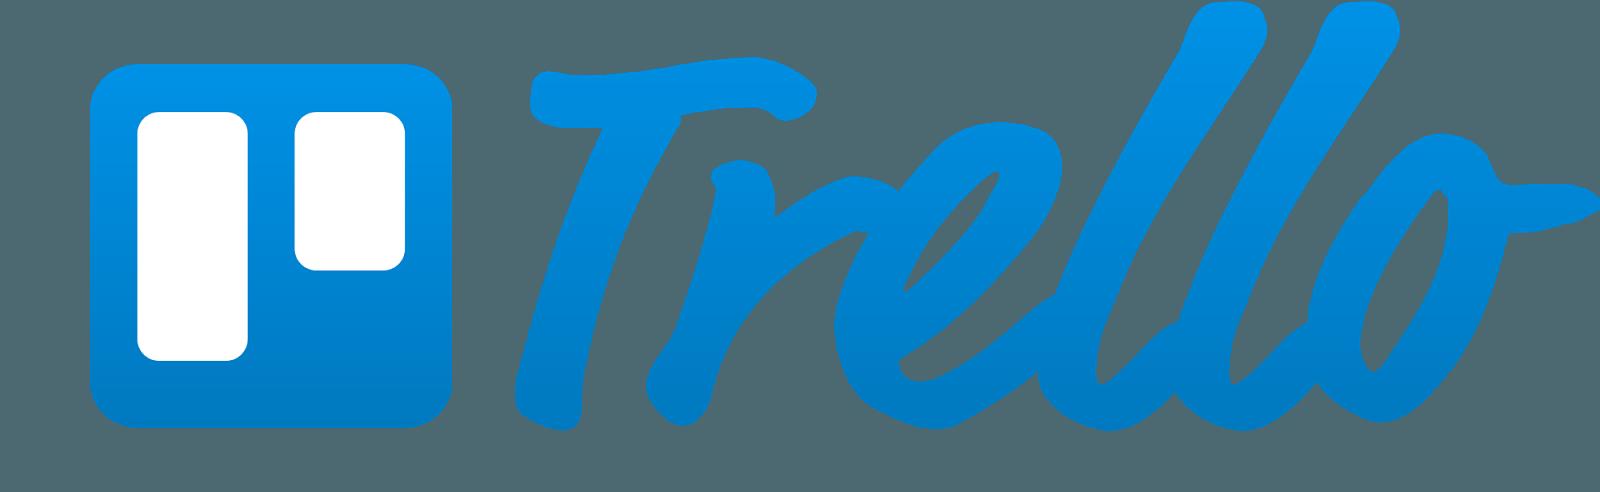 trello agile software